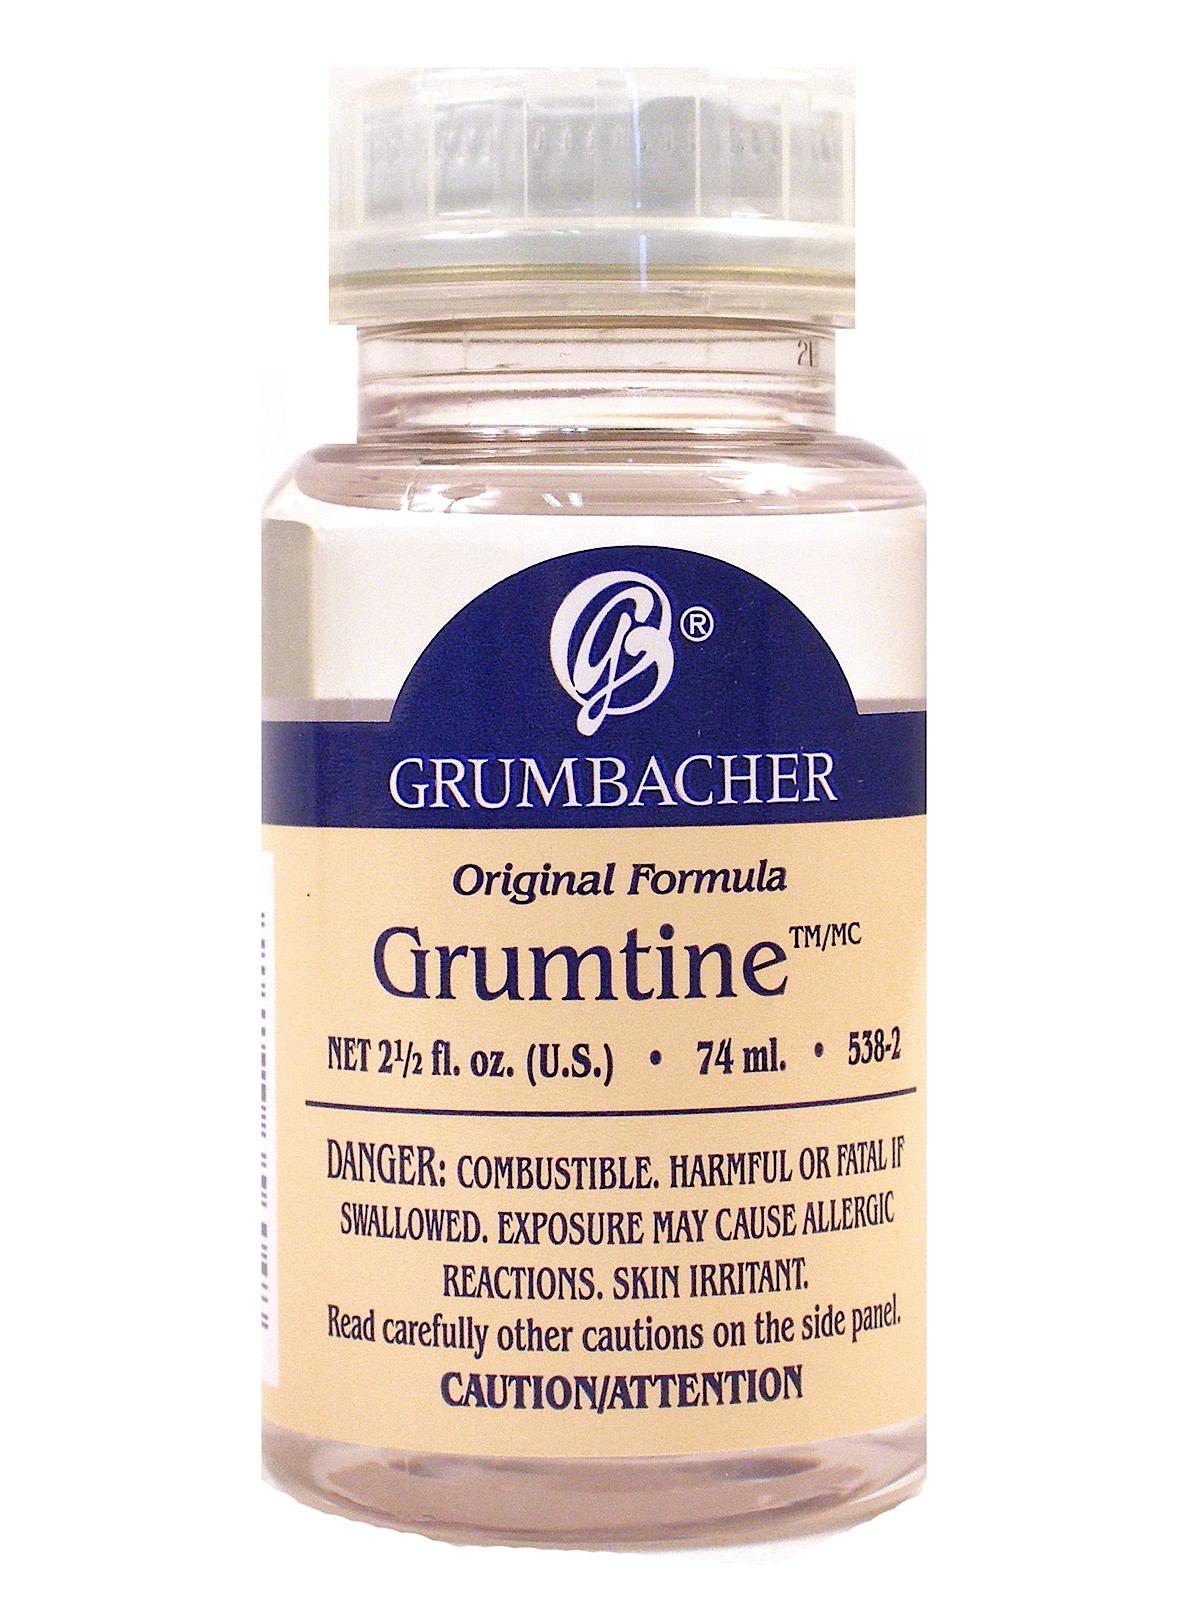 Grumtine